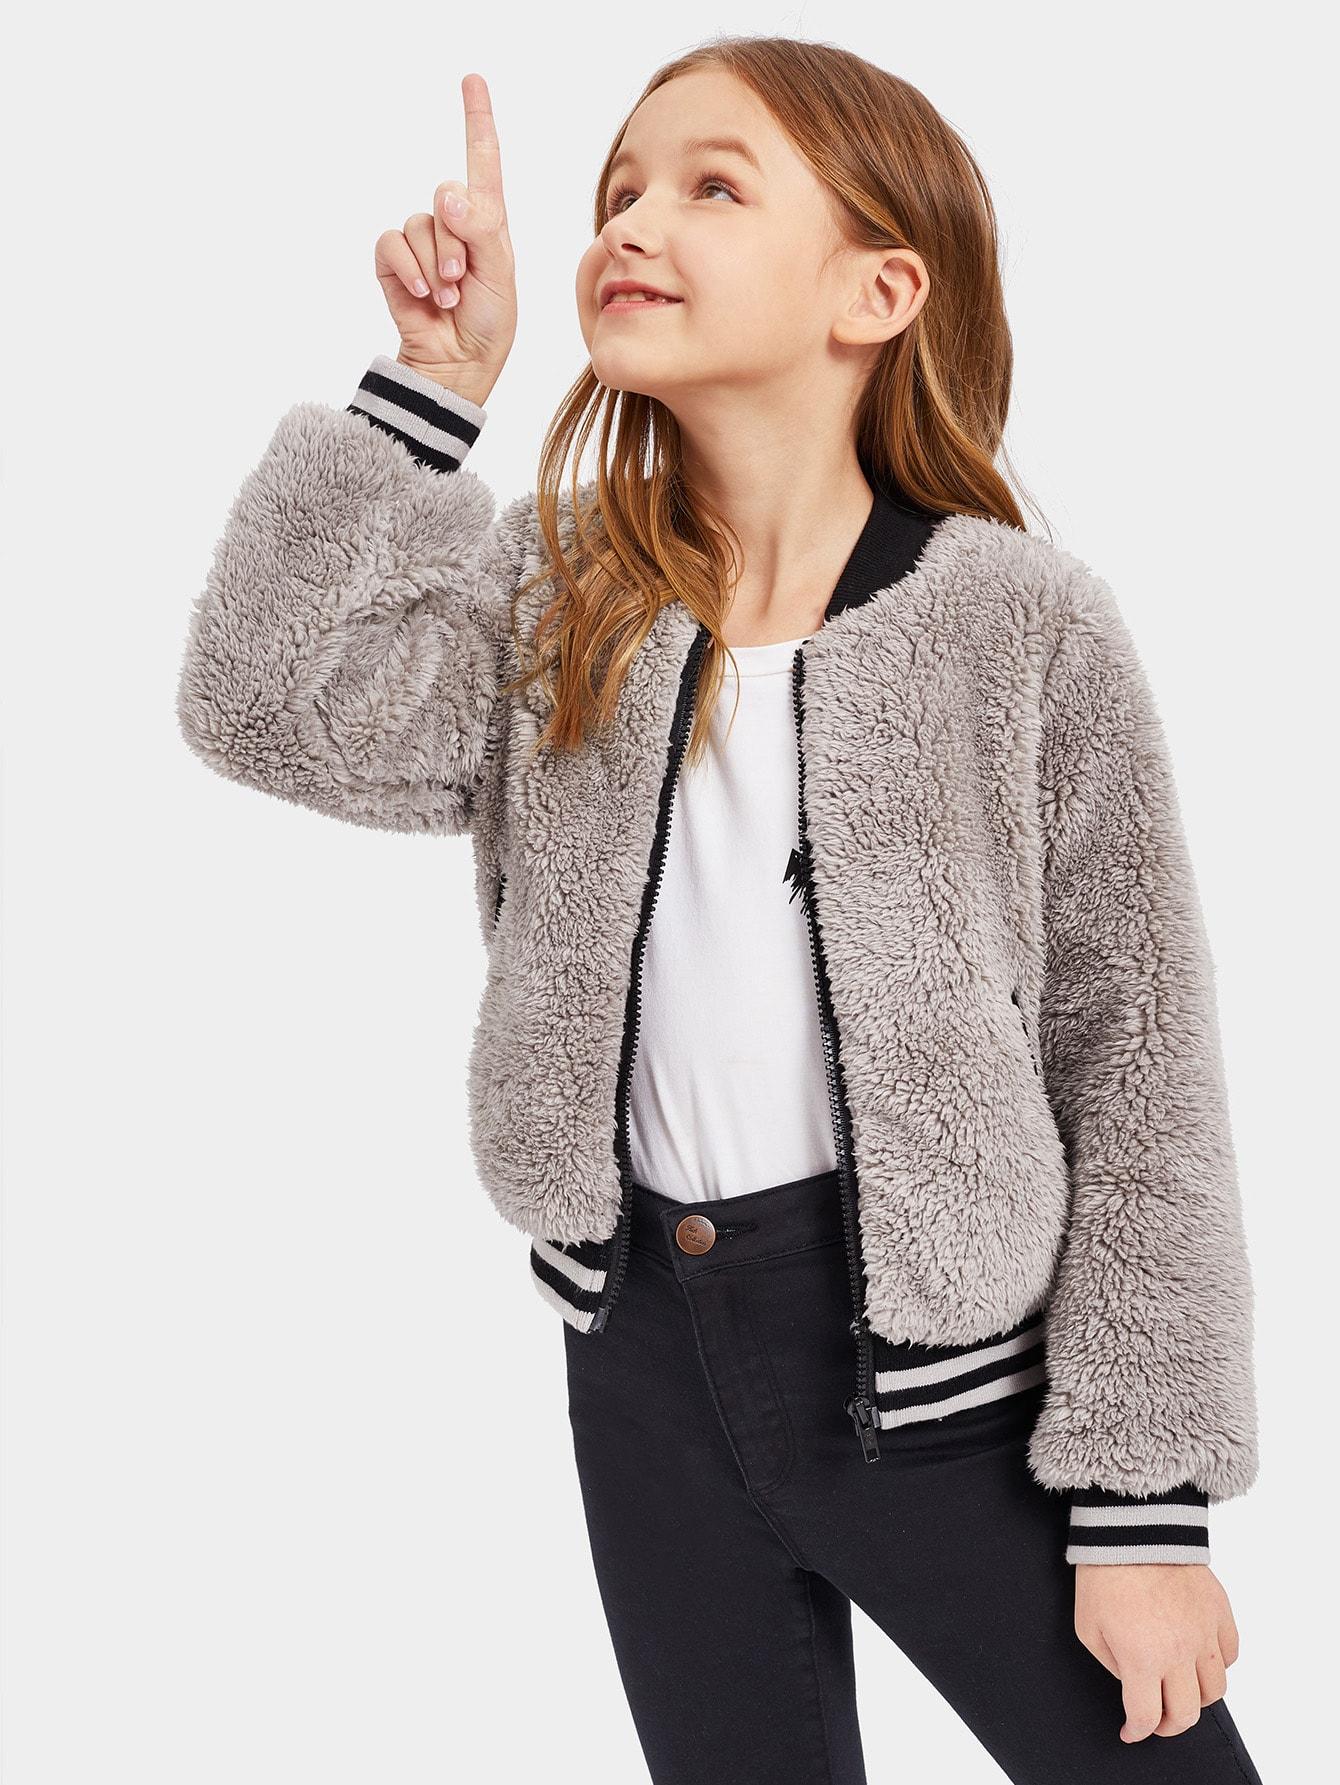 Купить Куртка на молнии из искусственного меха с полосатыми манжетами для девочек, Sashab, SheIn